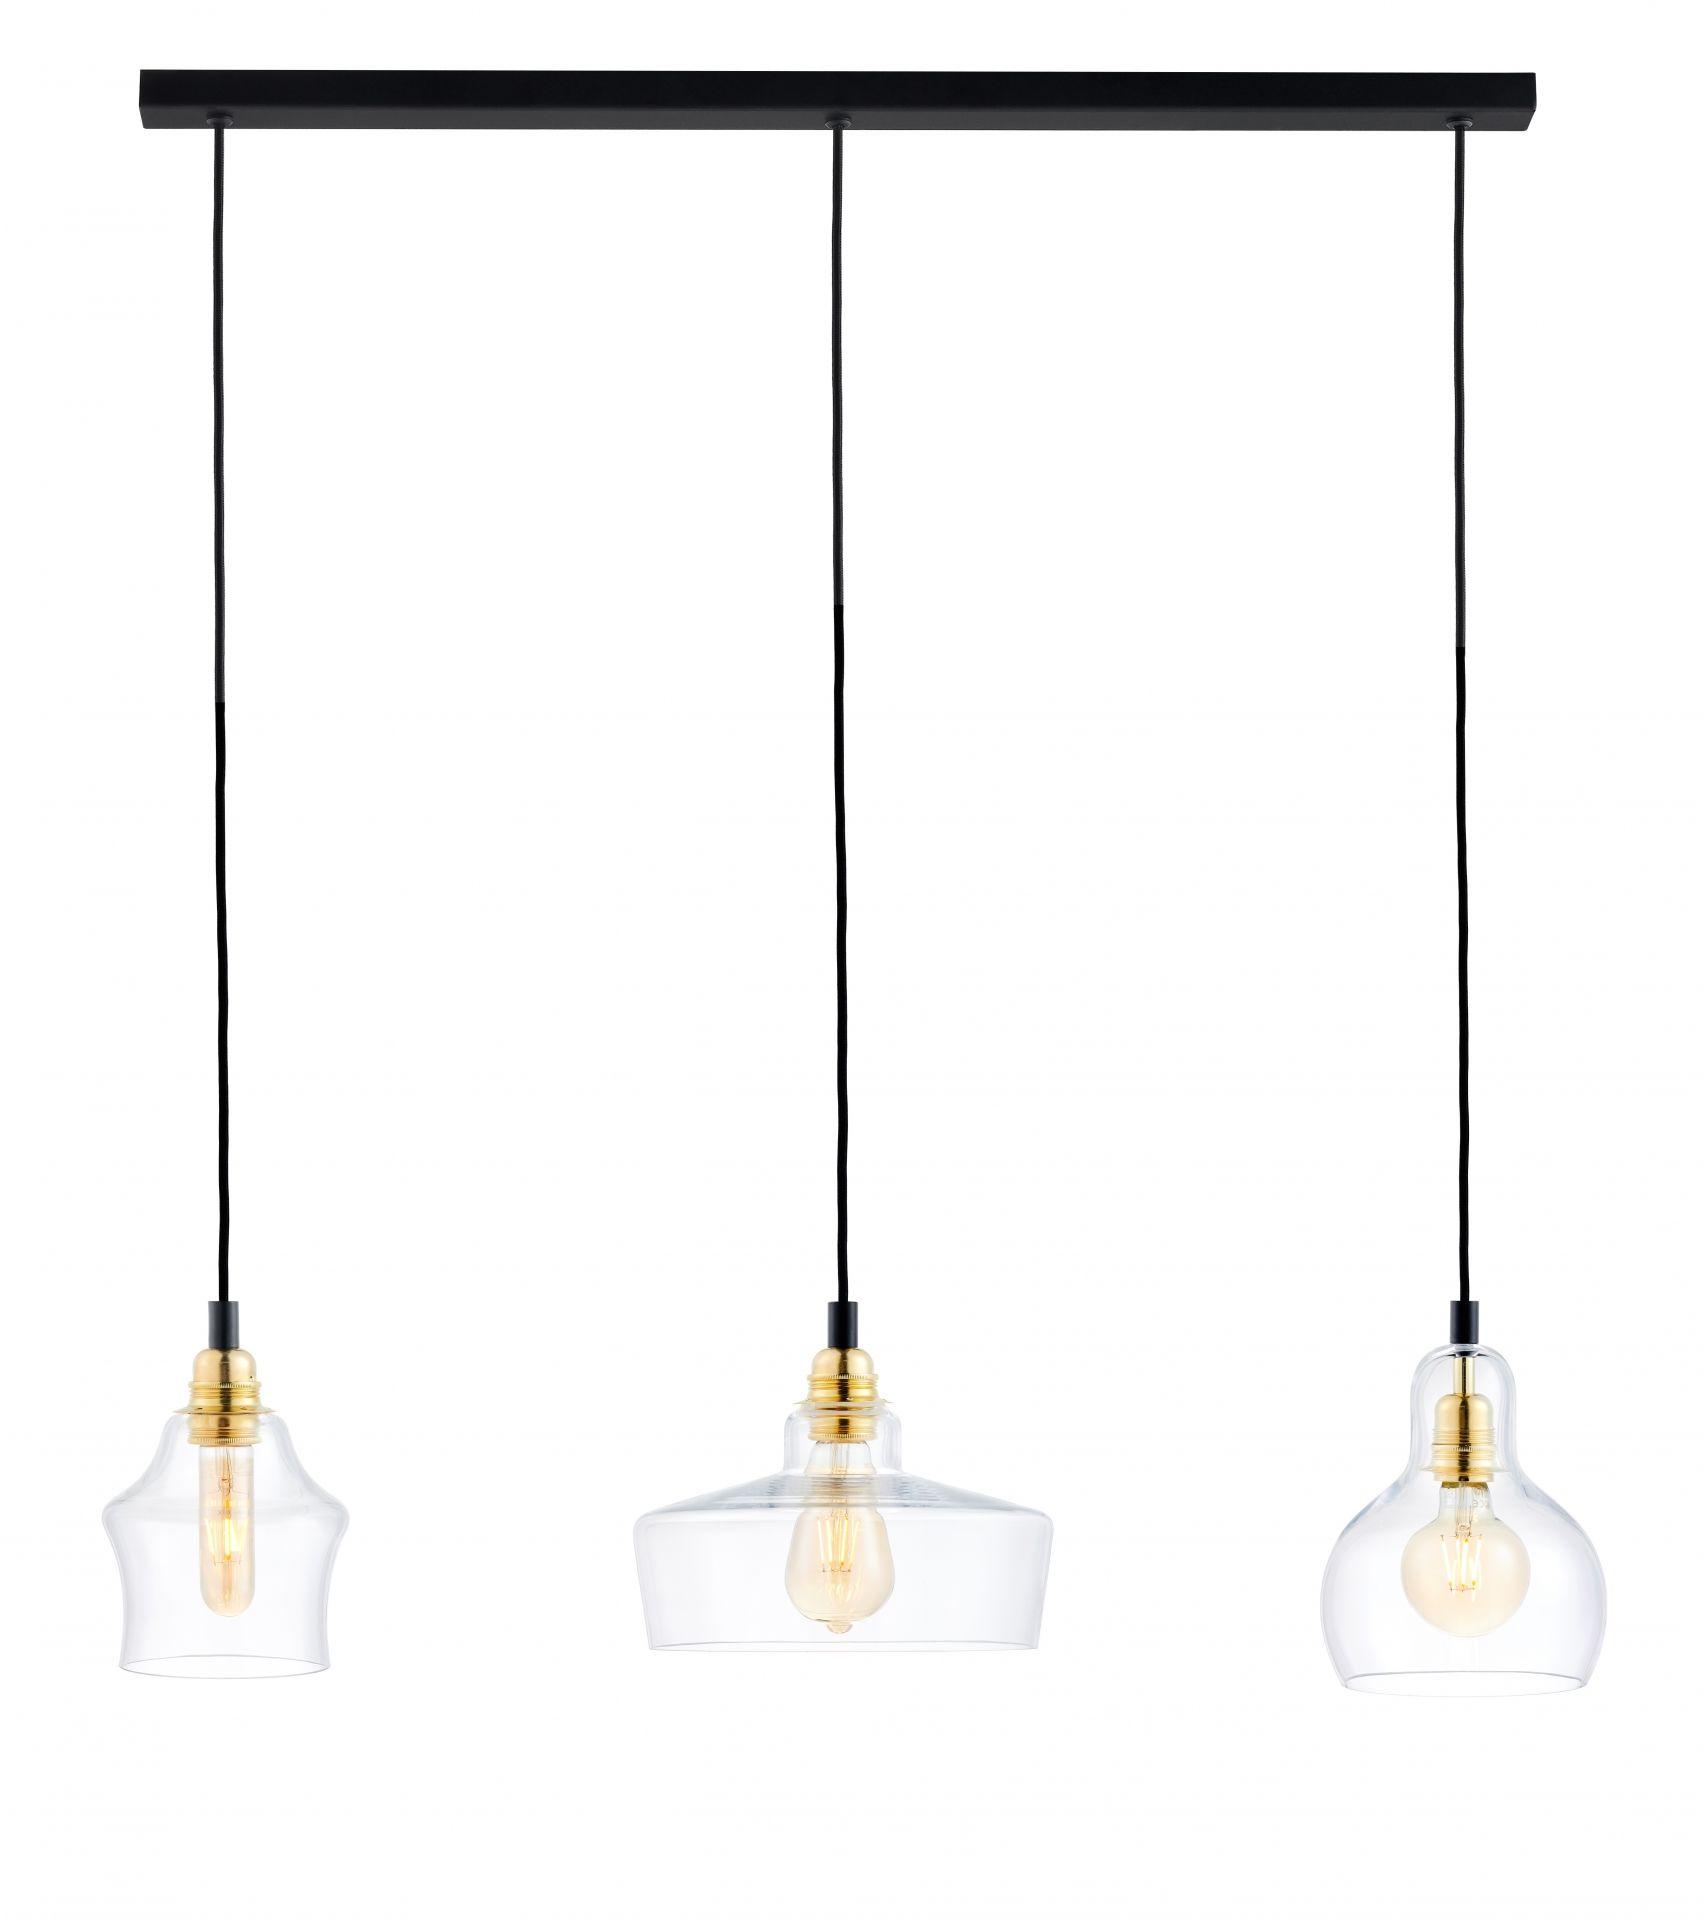 Lampa wisząca Longis 3 Gold 10875305 KASPA potrójna listwa ze szklanymi kloszami